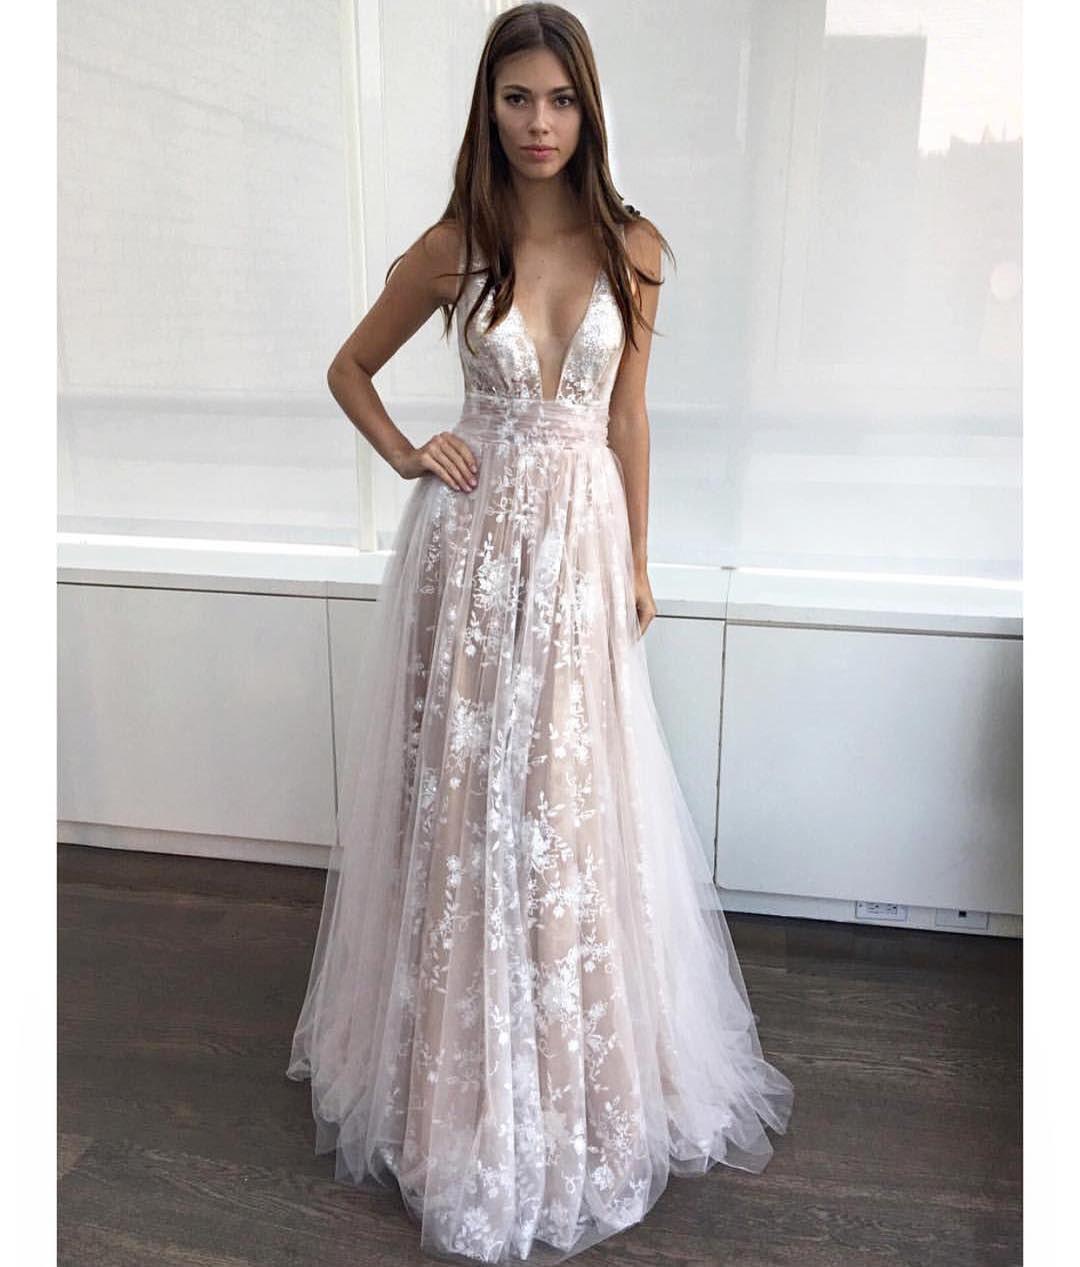 13 Genial Abendkleid Instagram Vertrieb17 Spektakulär Abendkleid Instagram Galerie